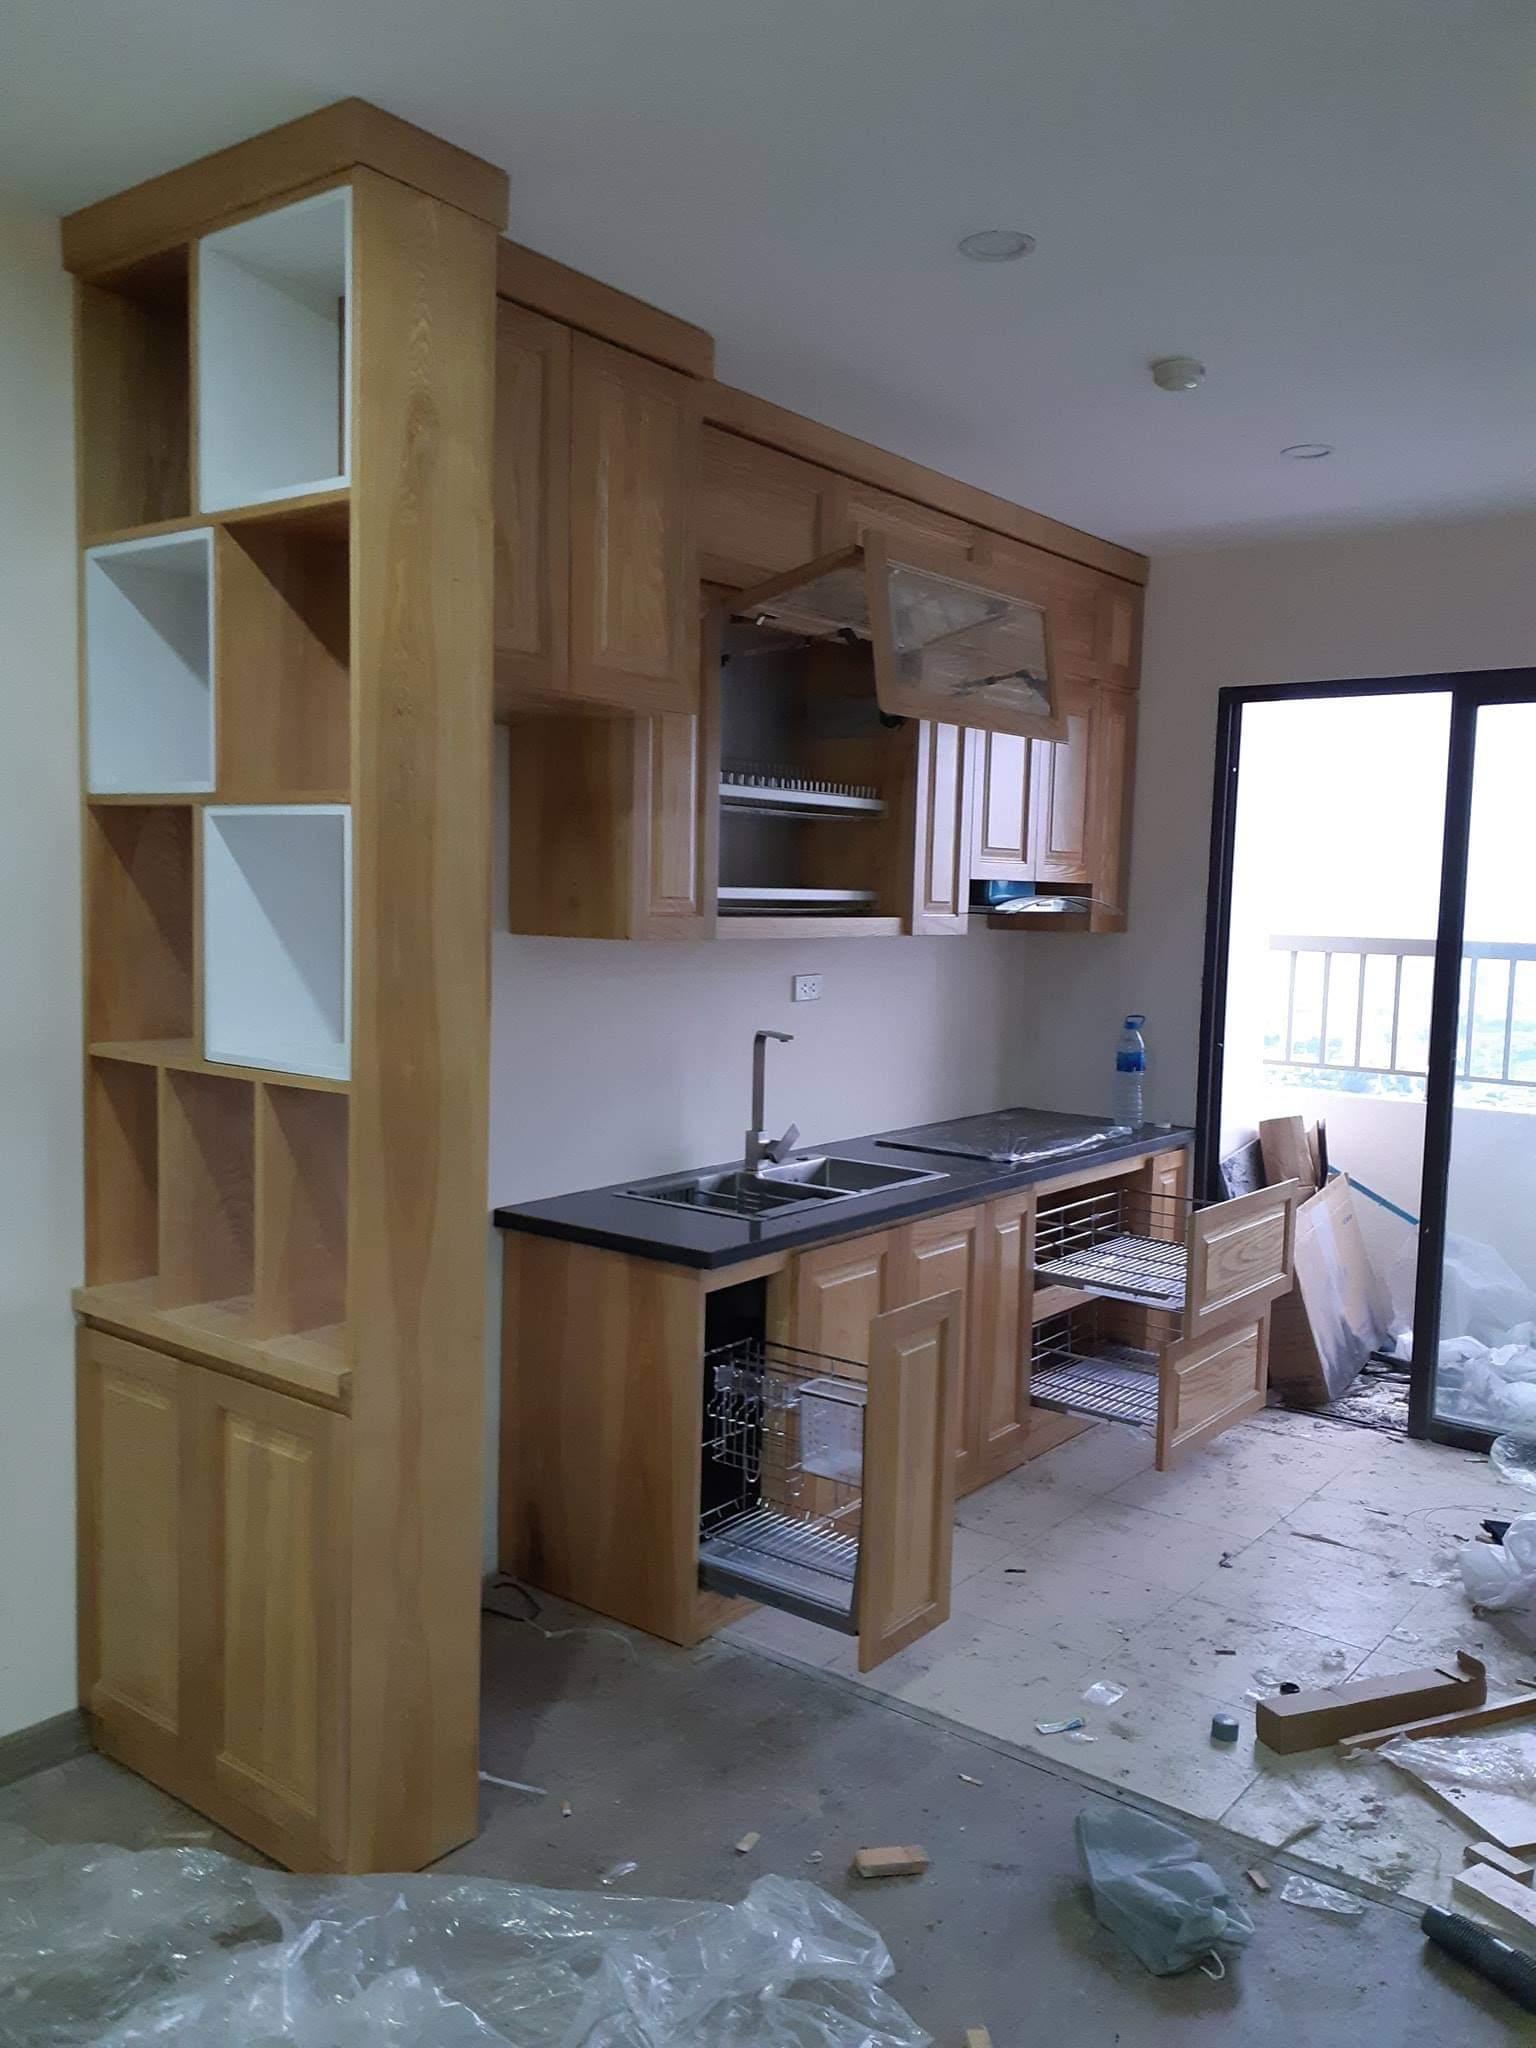 Tủ bếp gỗ sồi Mỹ tiện nghi.